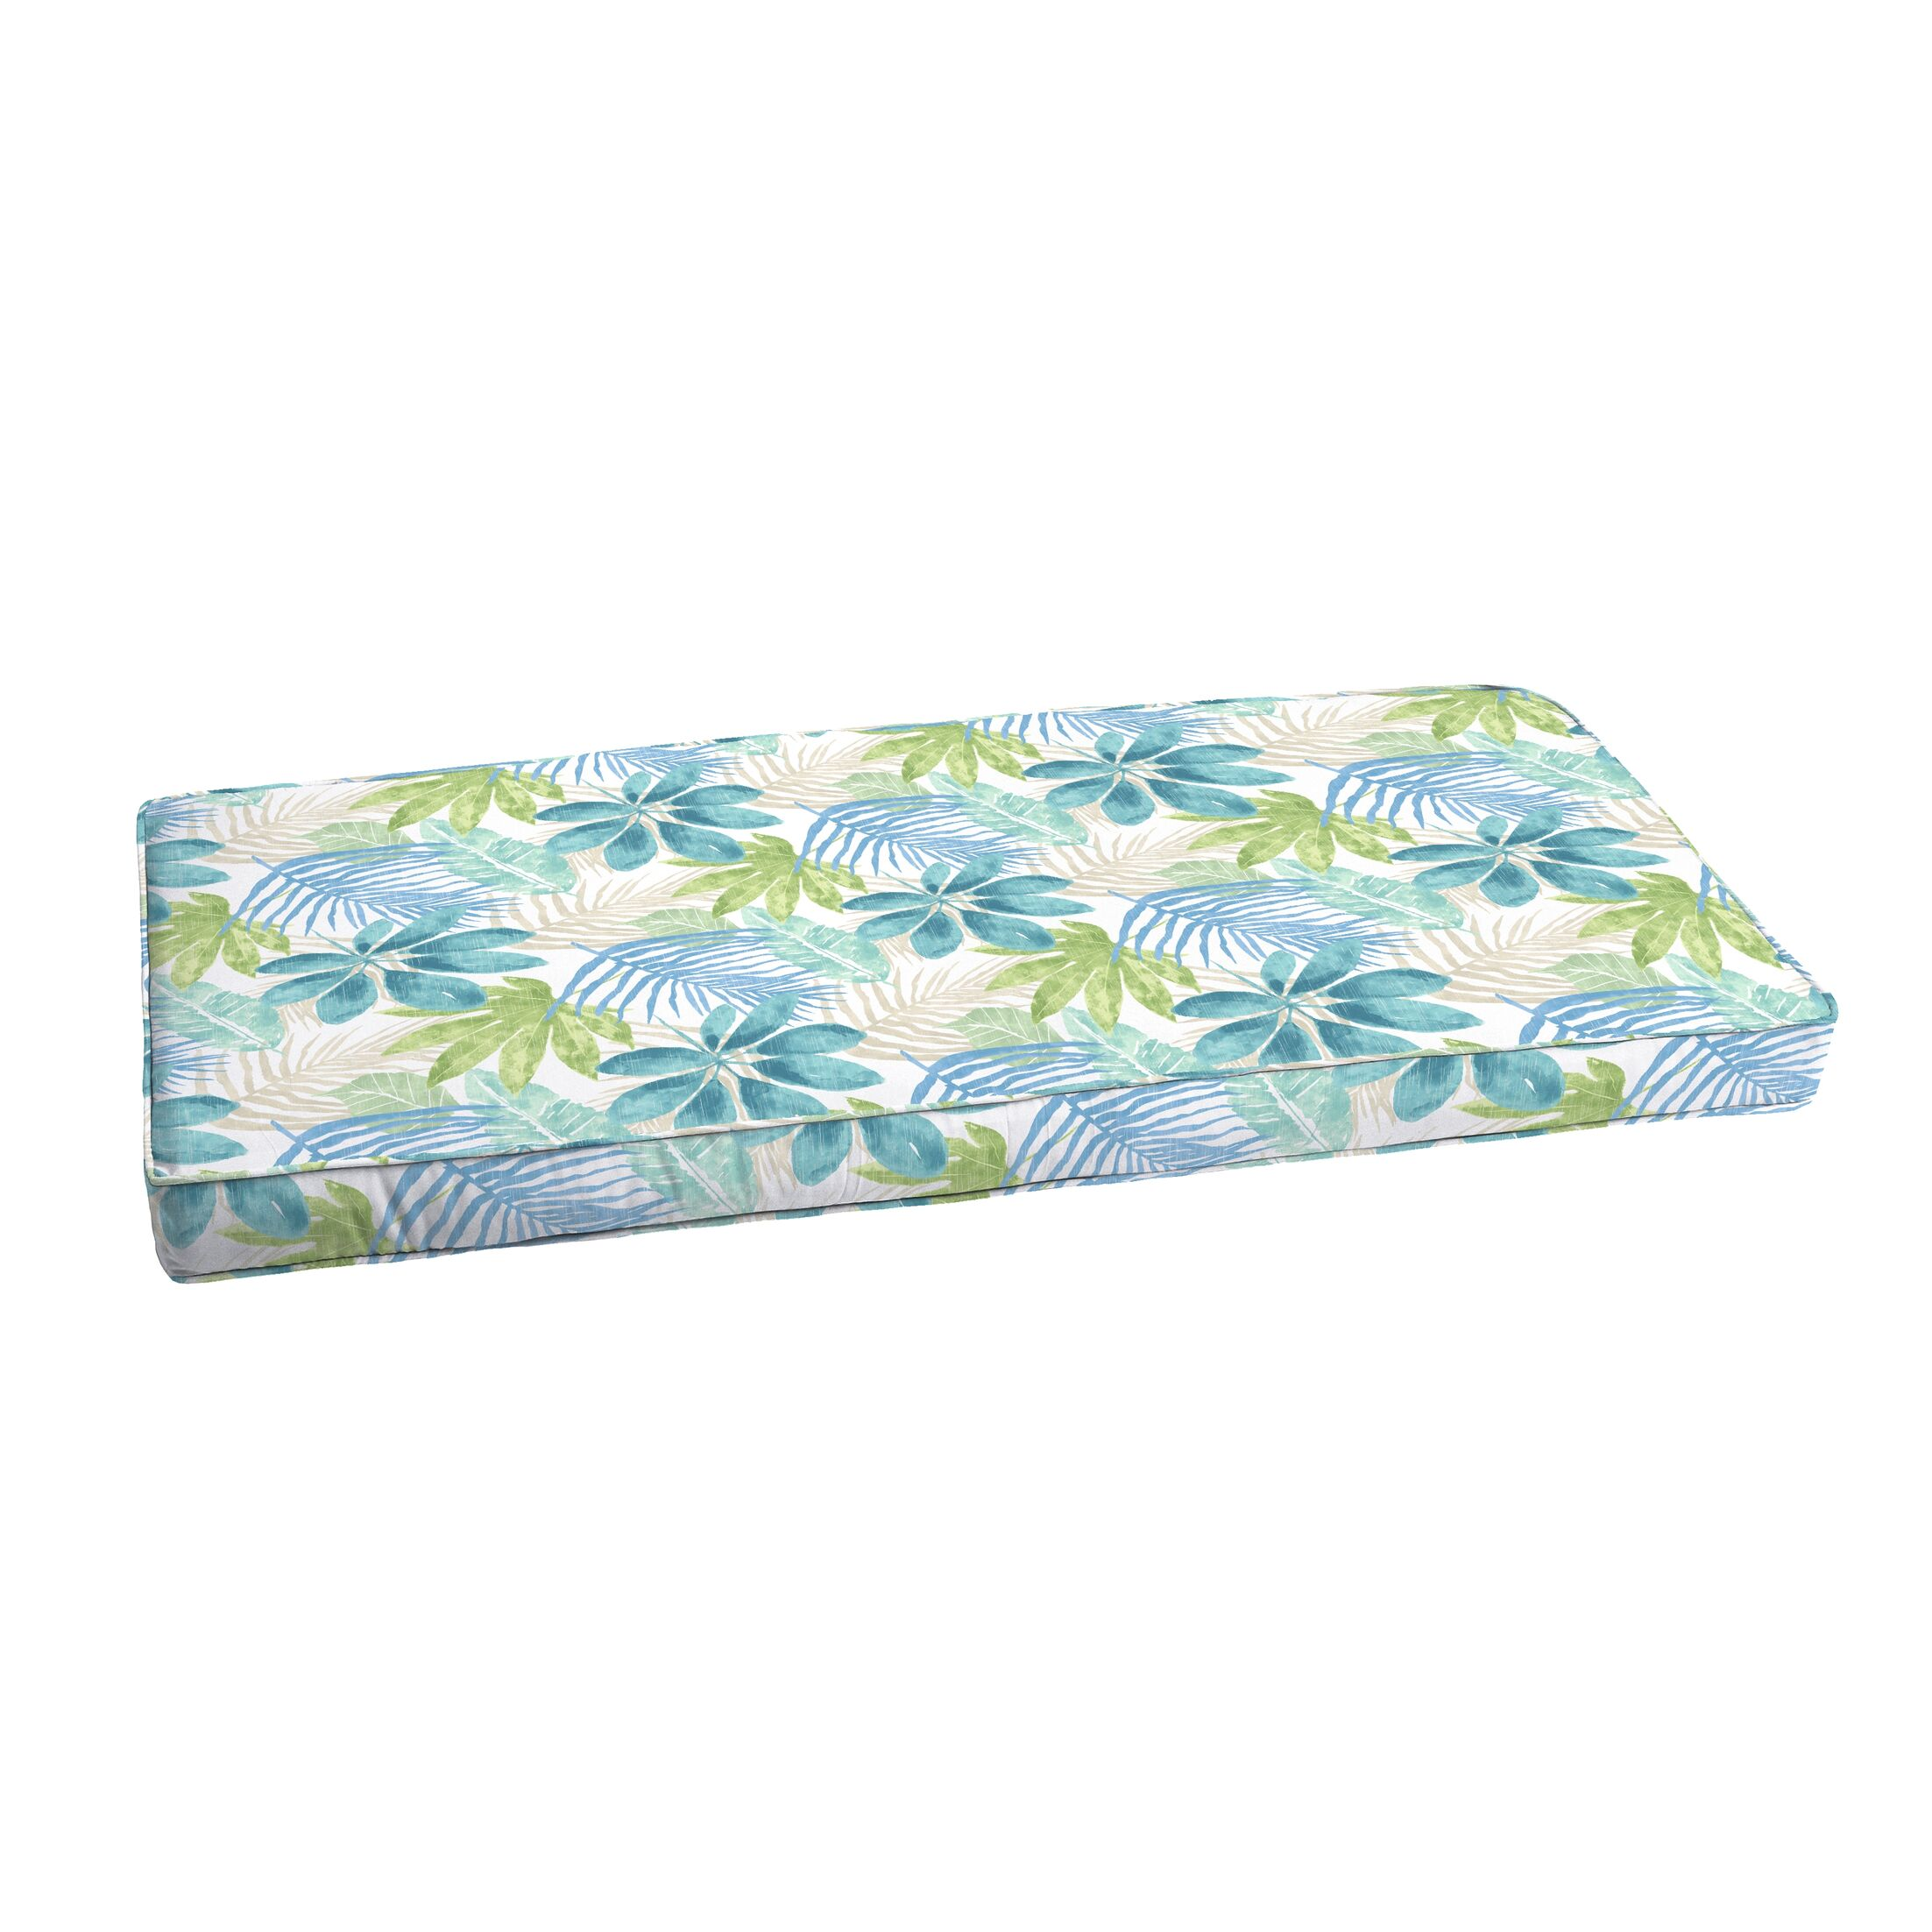 Darcio Indoor/Outdoor Bench Cushion Size: 2